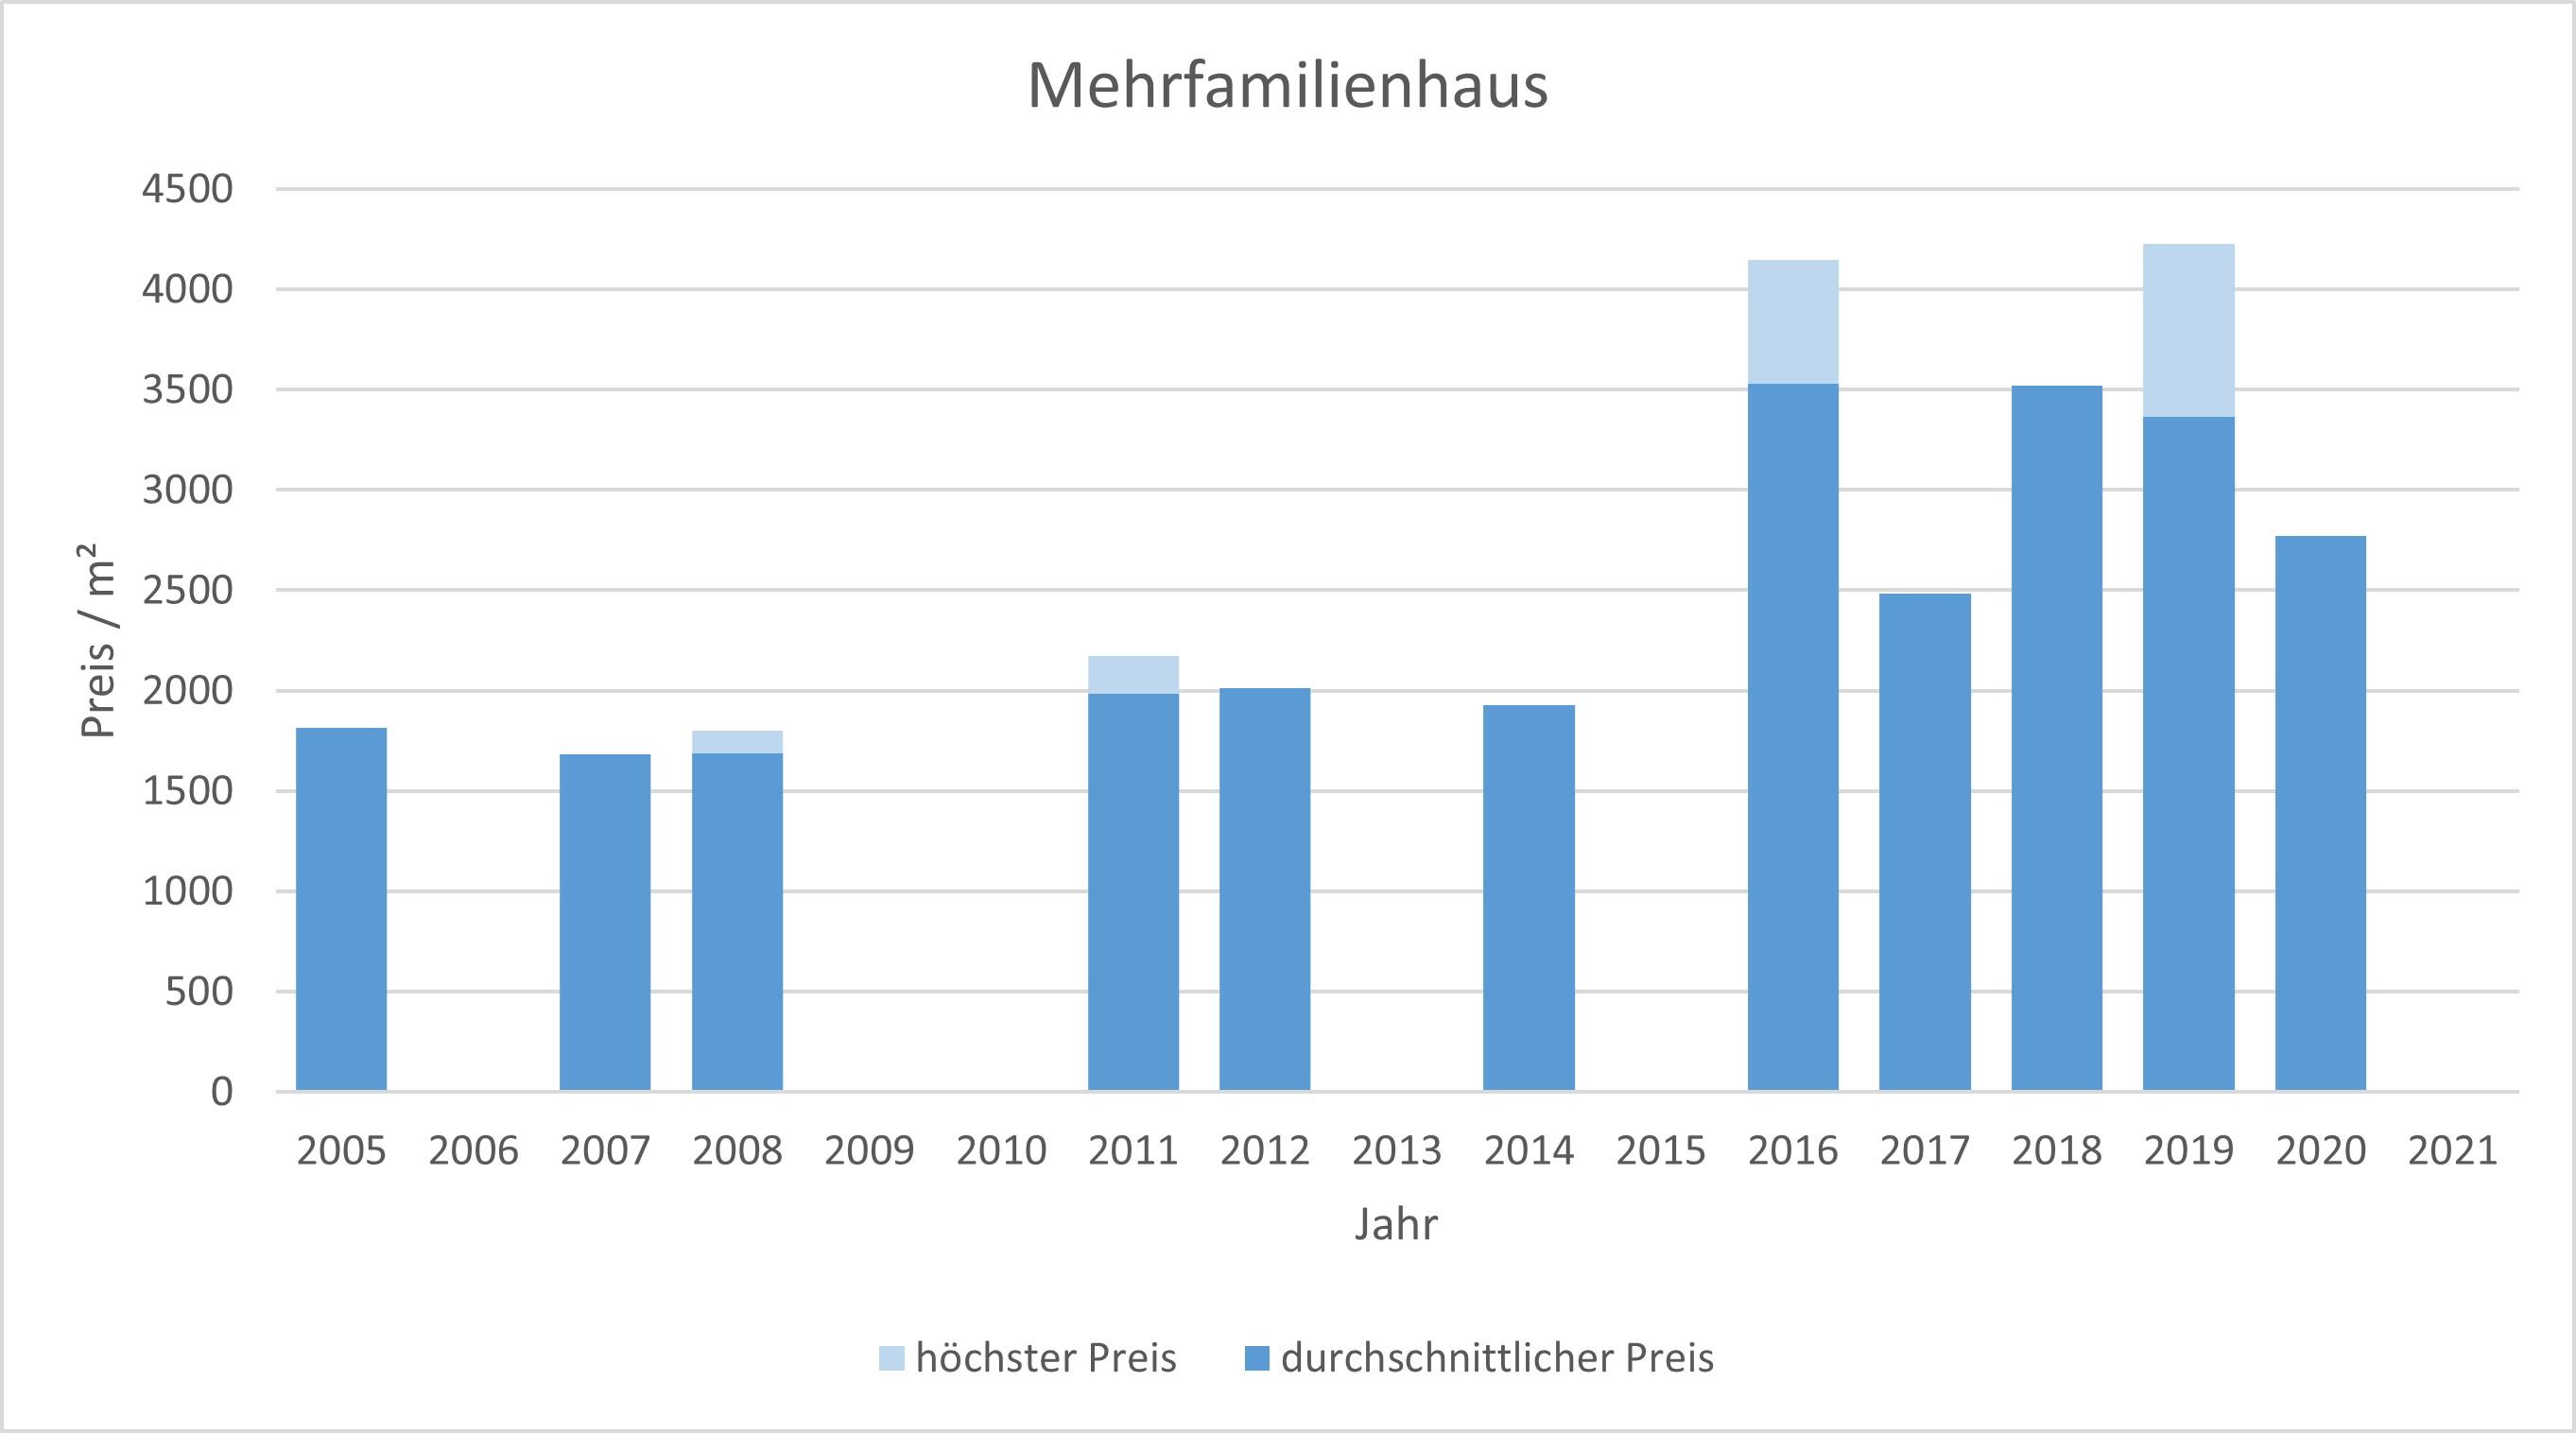 Hohenlinden Mehrfamilienhaus kaufen verkaufen Preis Bewertung Makler 2019 2020 2021  www.happy-immo.de